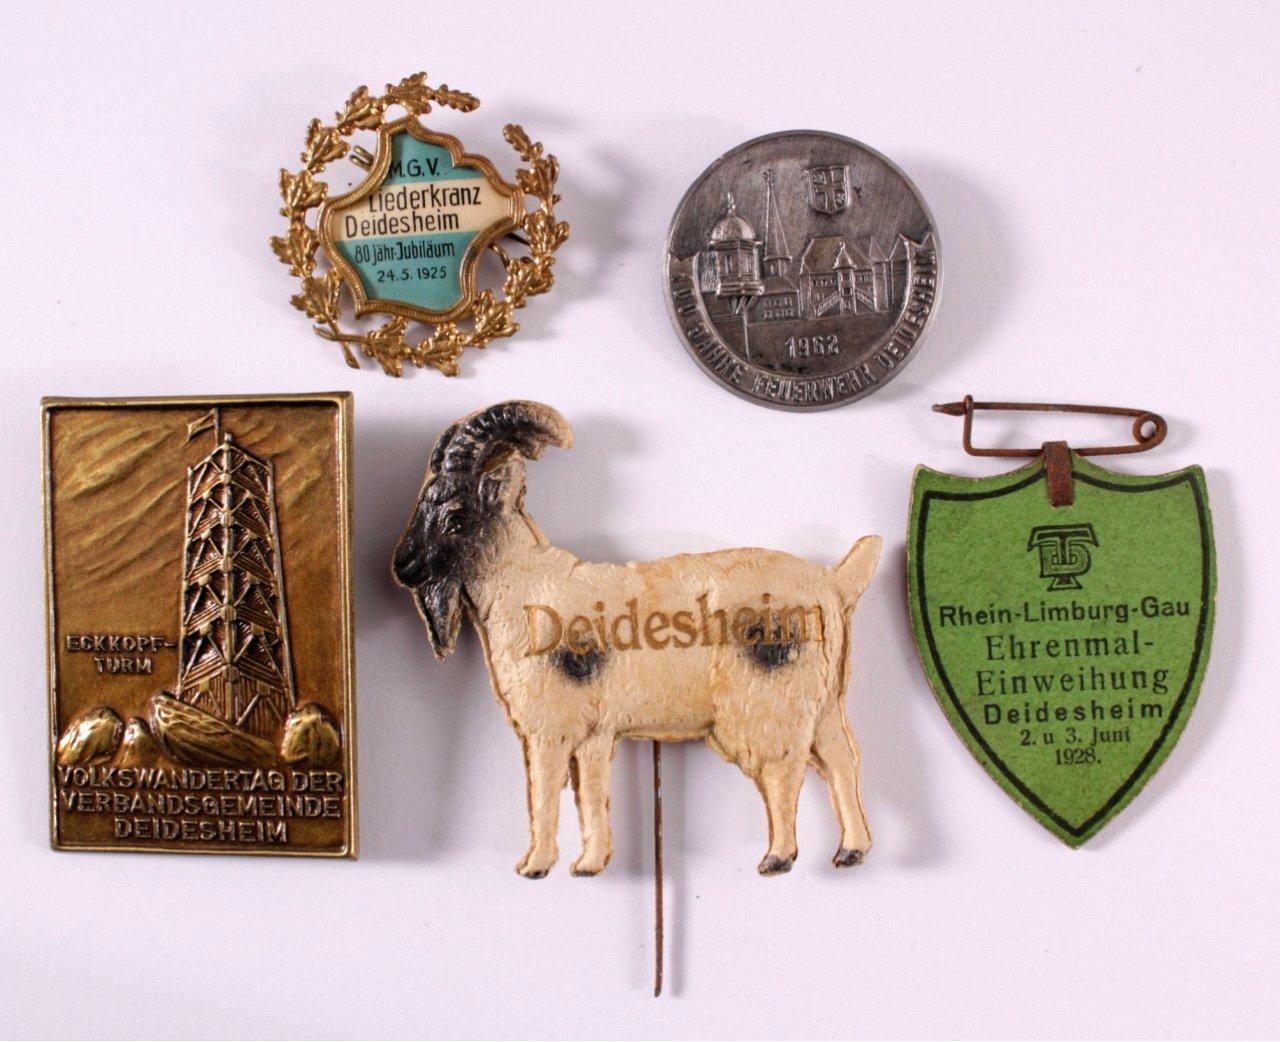 Tagungs- und Veranstaltungsabzeichen Deidesheim